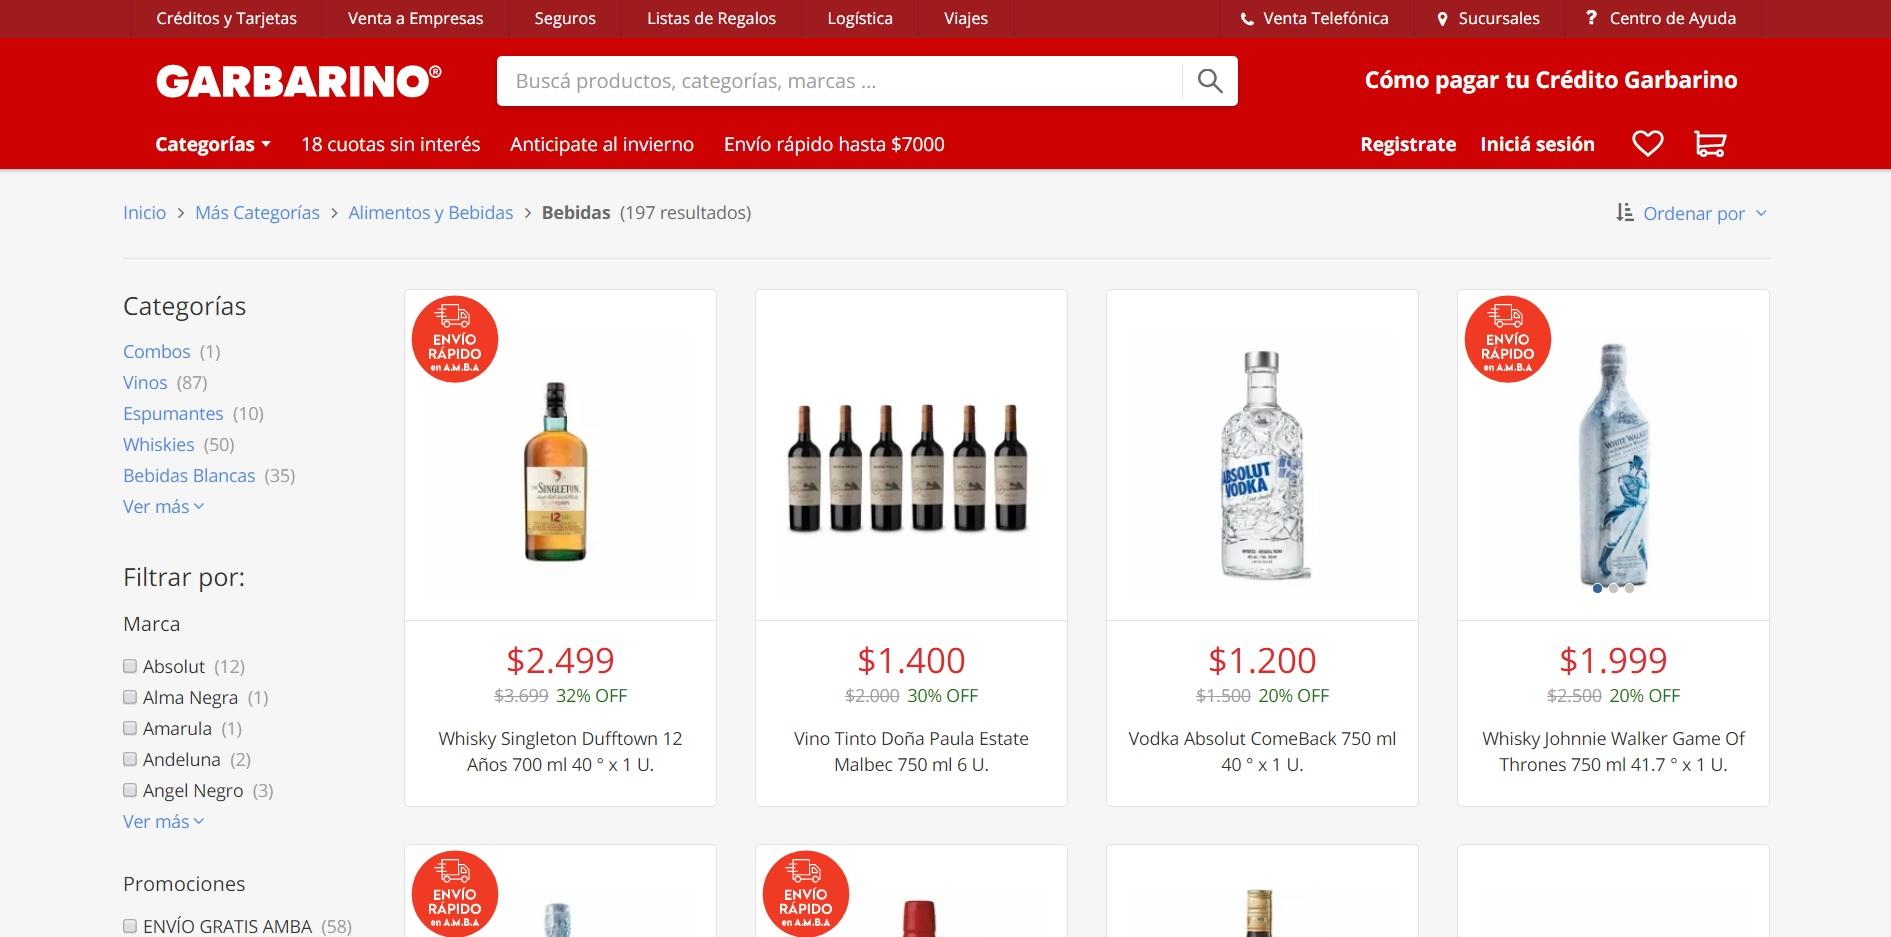 Garbarino le hace frente a la crisis comercializando productos de terceros en su sitio web